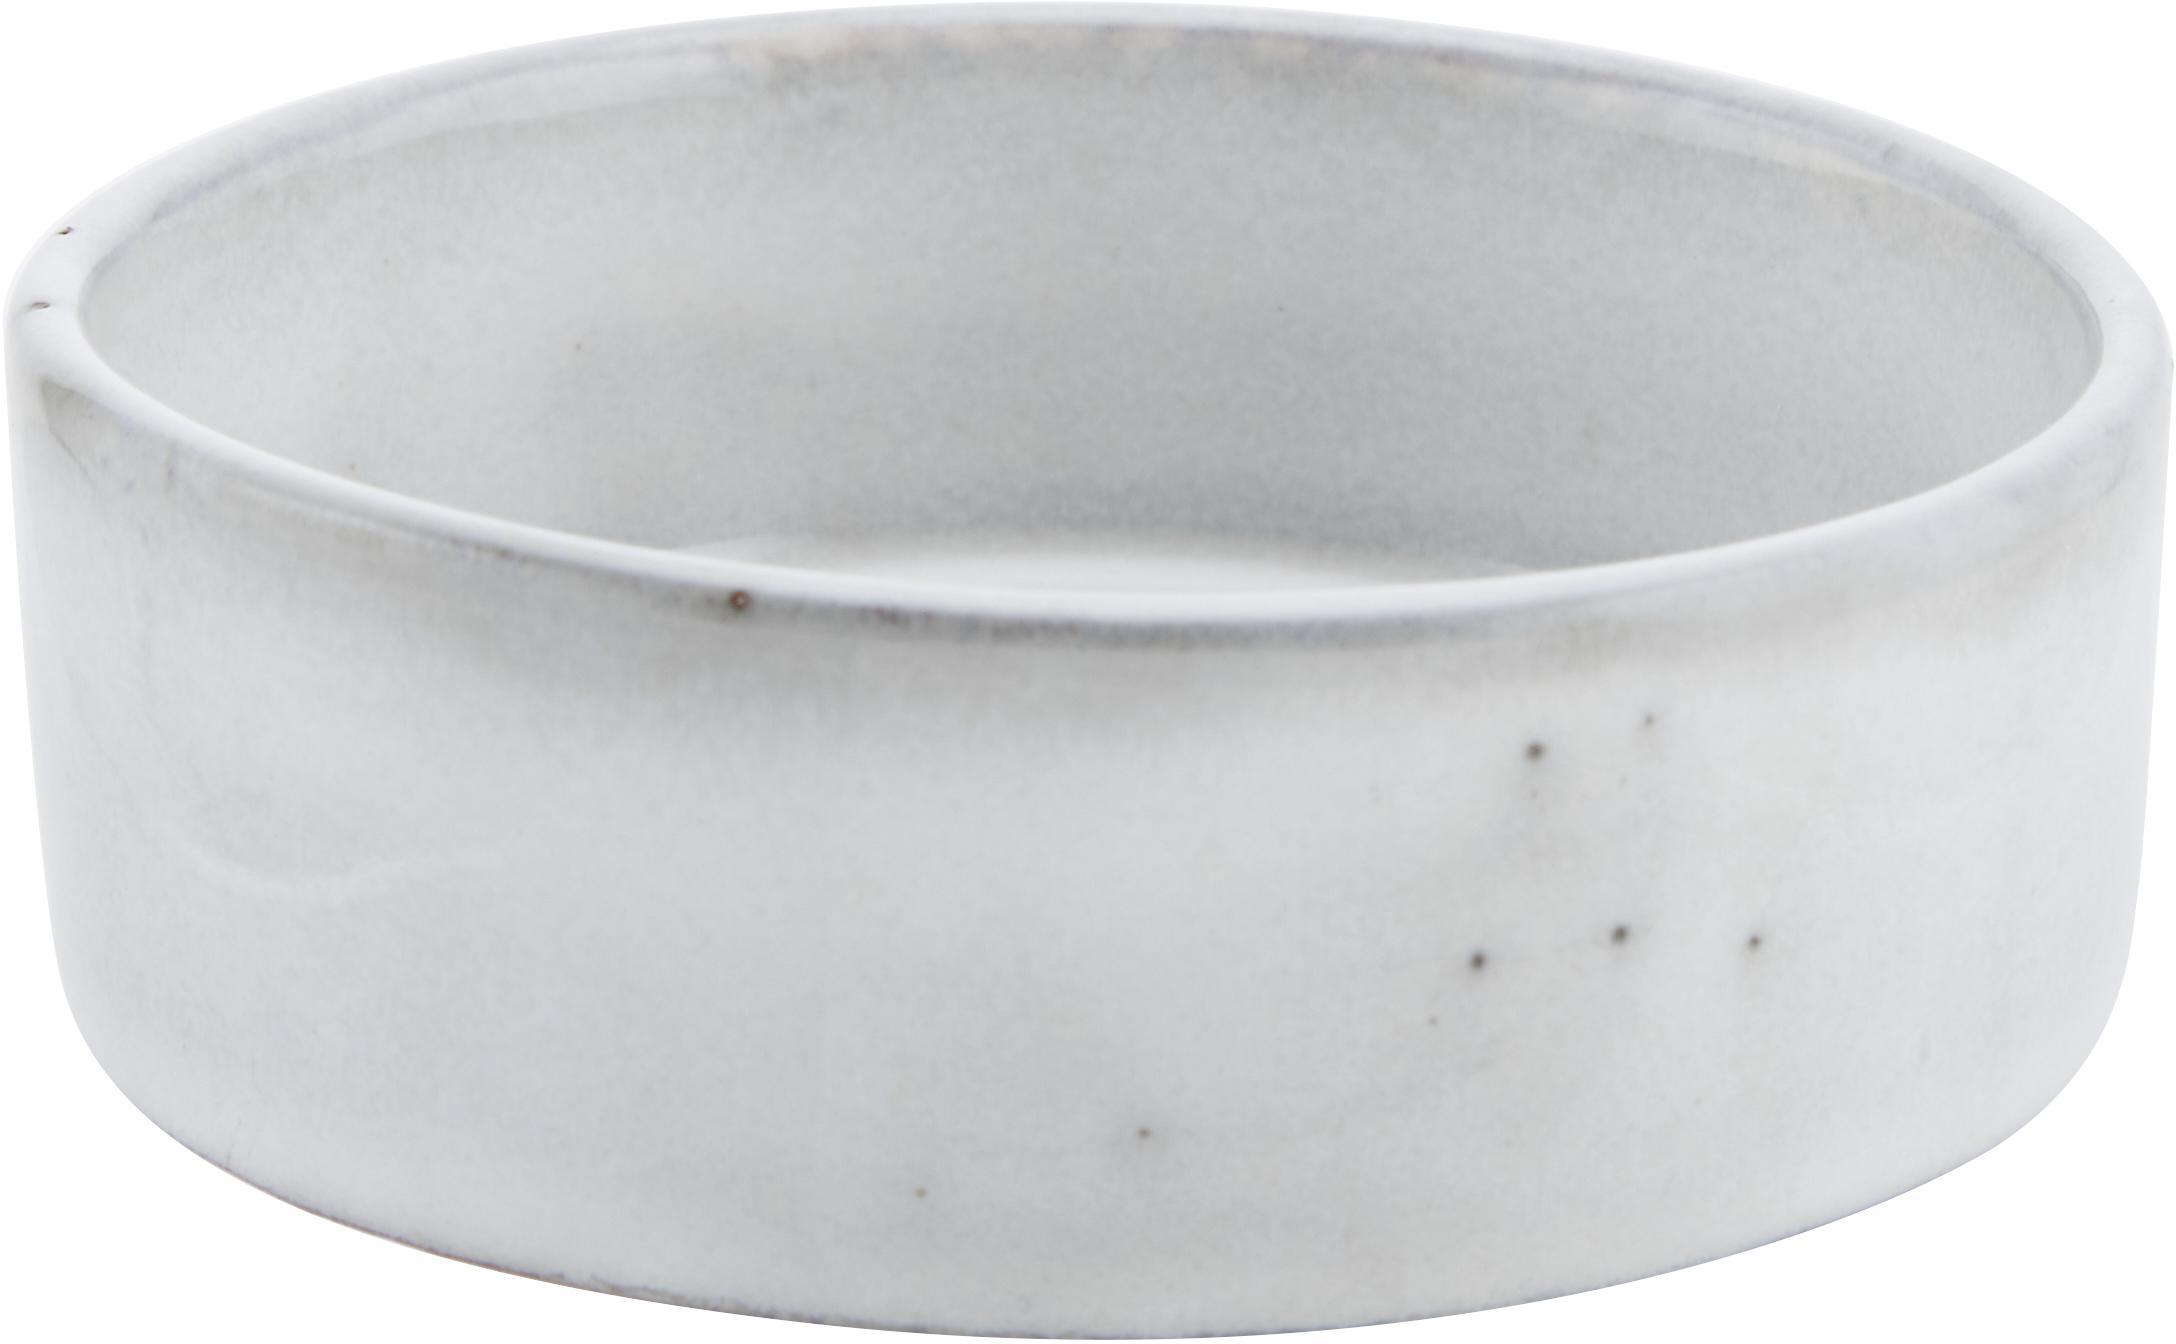 Handgemachte Dipschalen Nordic Sand Ø 8 cm aus Steingut, 4 Stück, Steingut, Sandfarben, Ø 8 x H 3 cm